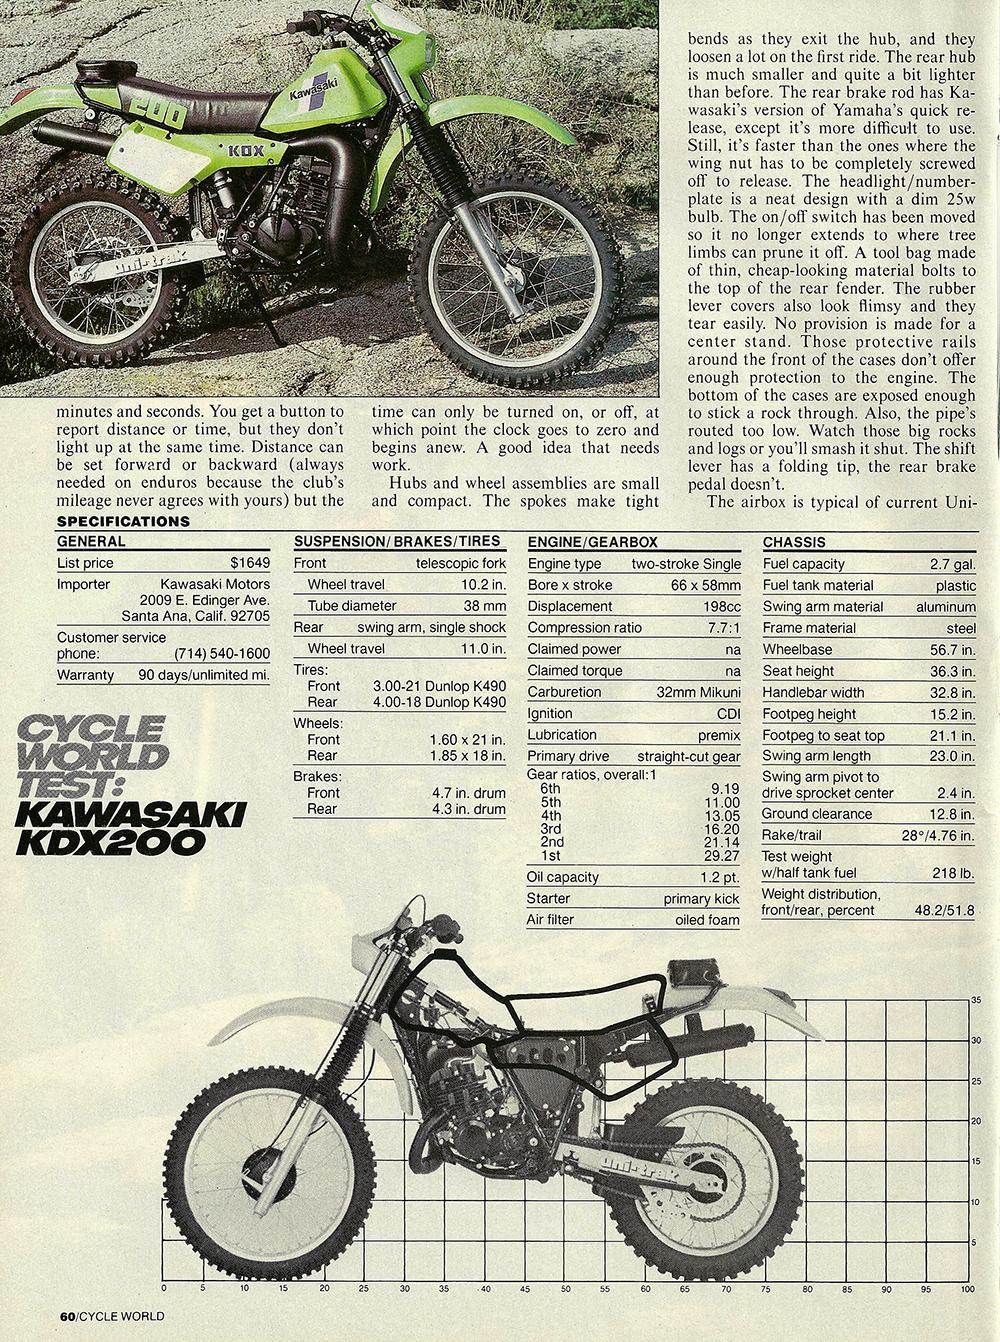 1983 Kawasaki KDX200 road test 03.jpg